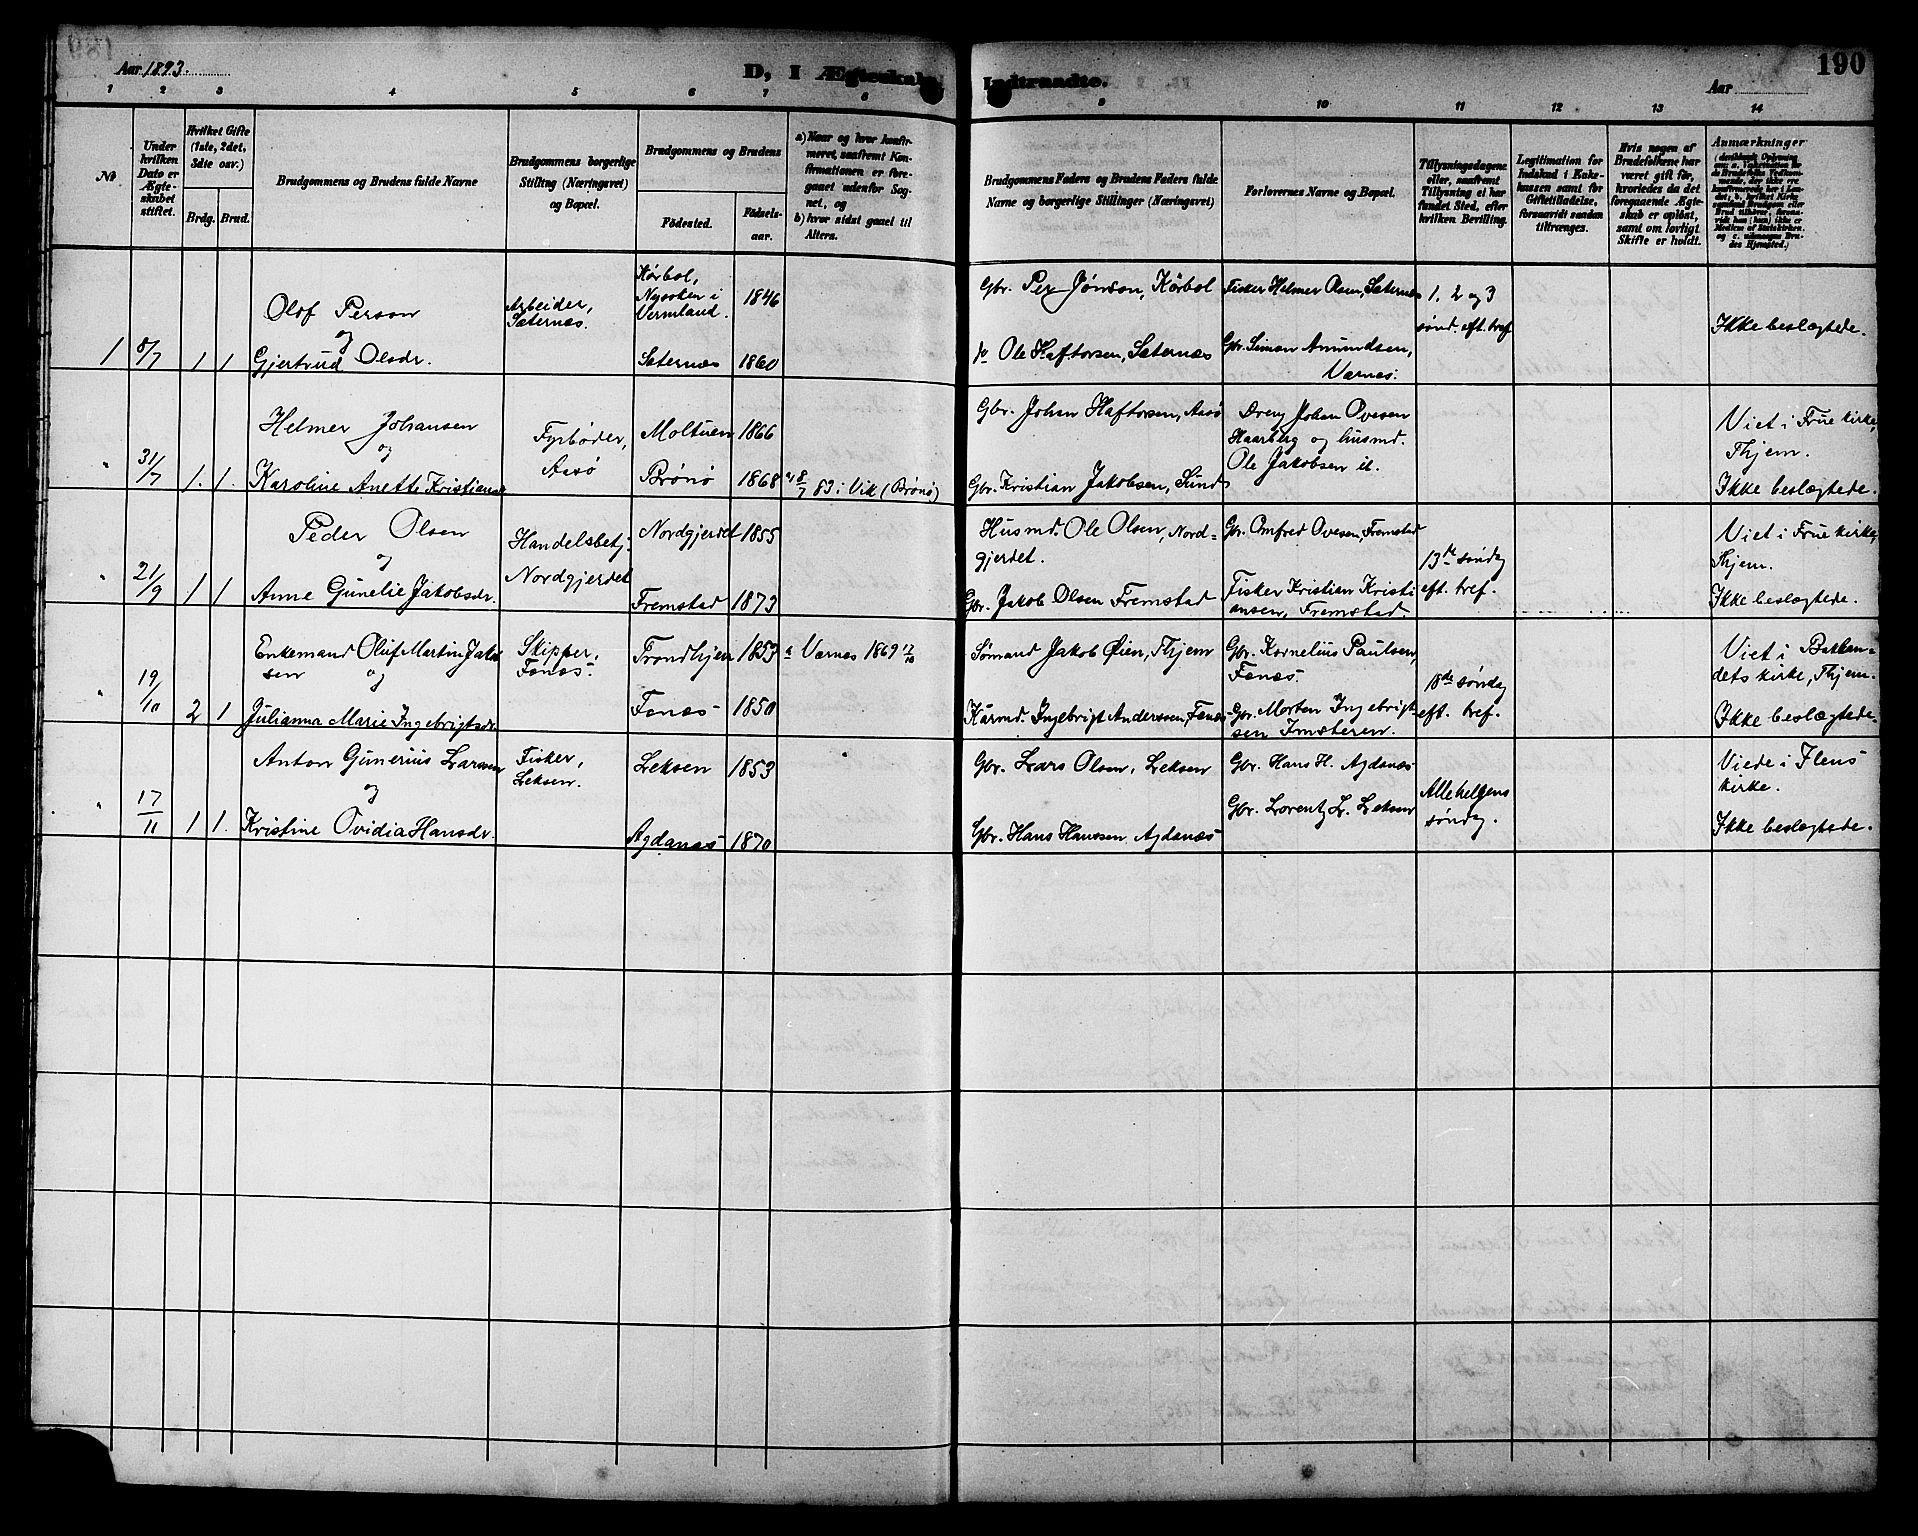 SAT, Ministerialprotokoller, klokkerbøker og fødselsregistre - Sør-Trøndelag, 662/L0757: Klokkerbok nr. 662C02, 1892-1918, s. 190